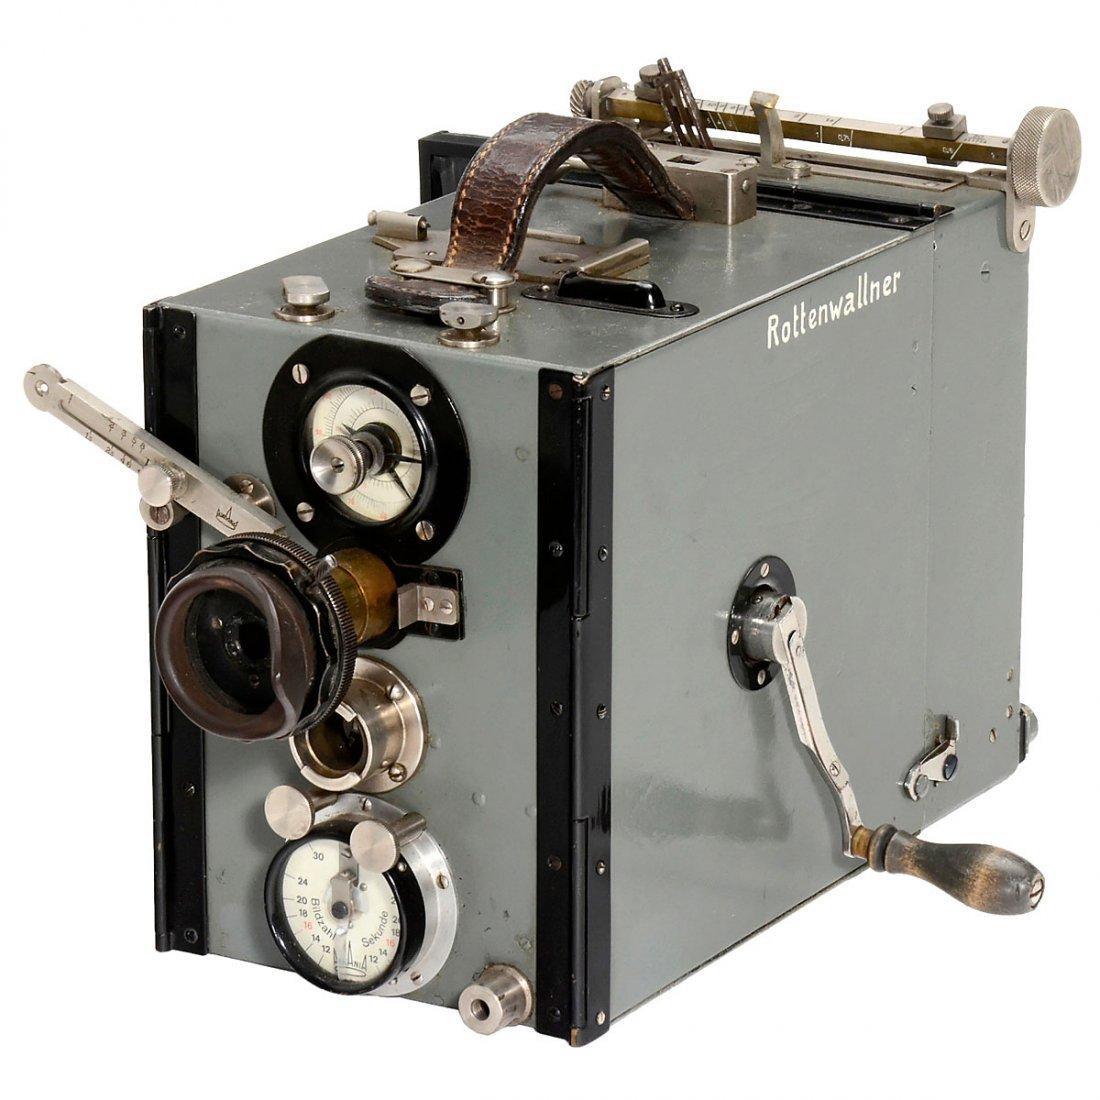 Askania-Universal 35mm Movie Camera, c. 1928 - 2